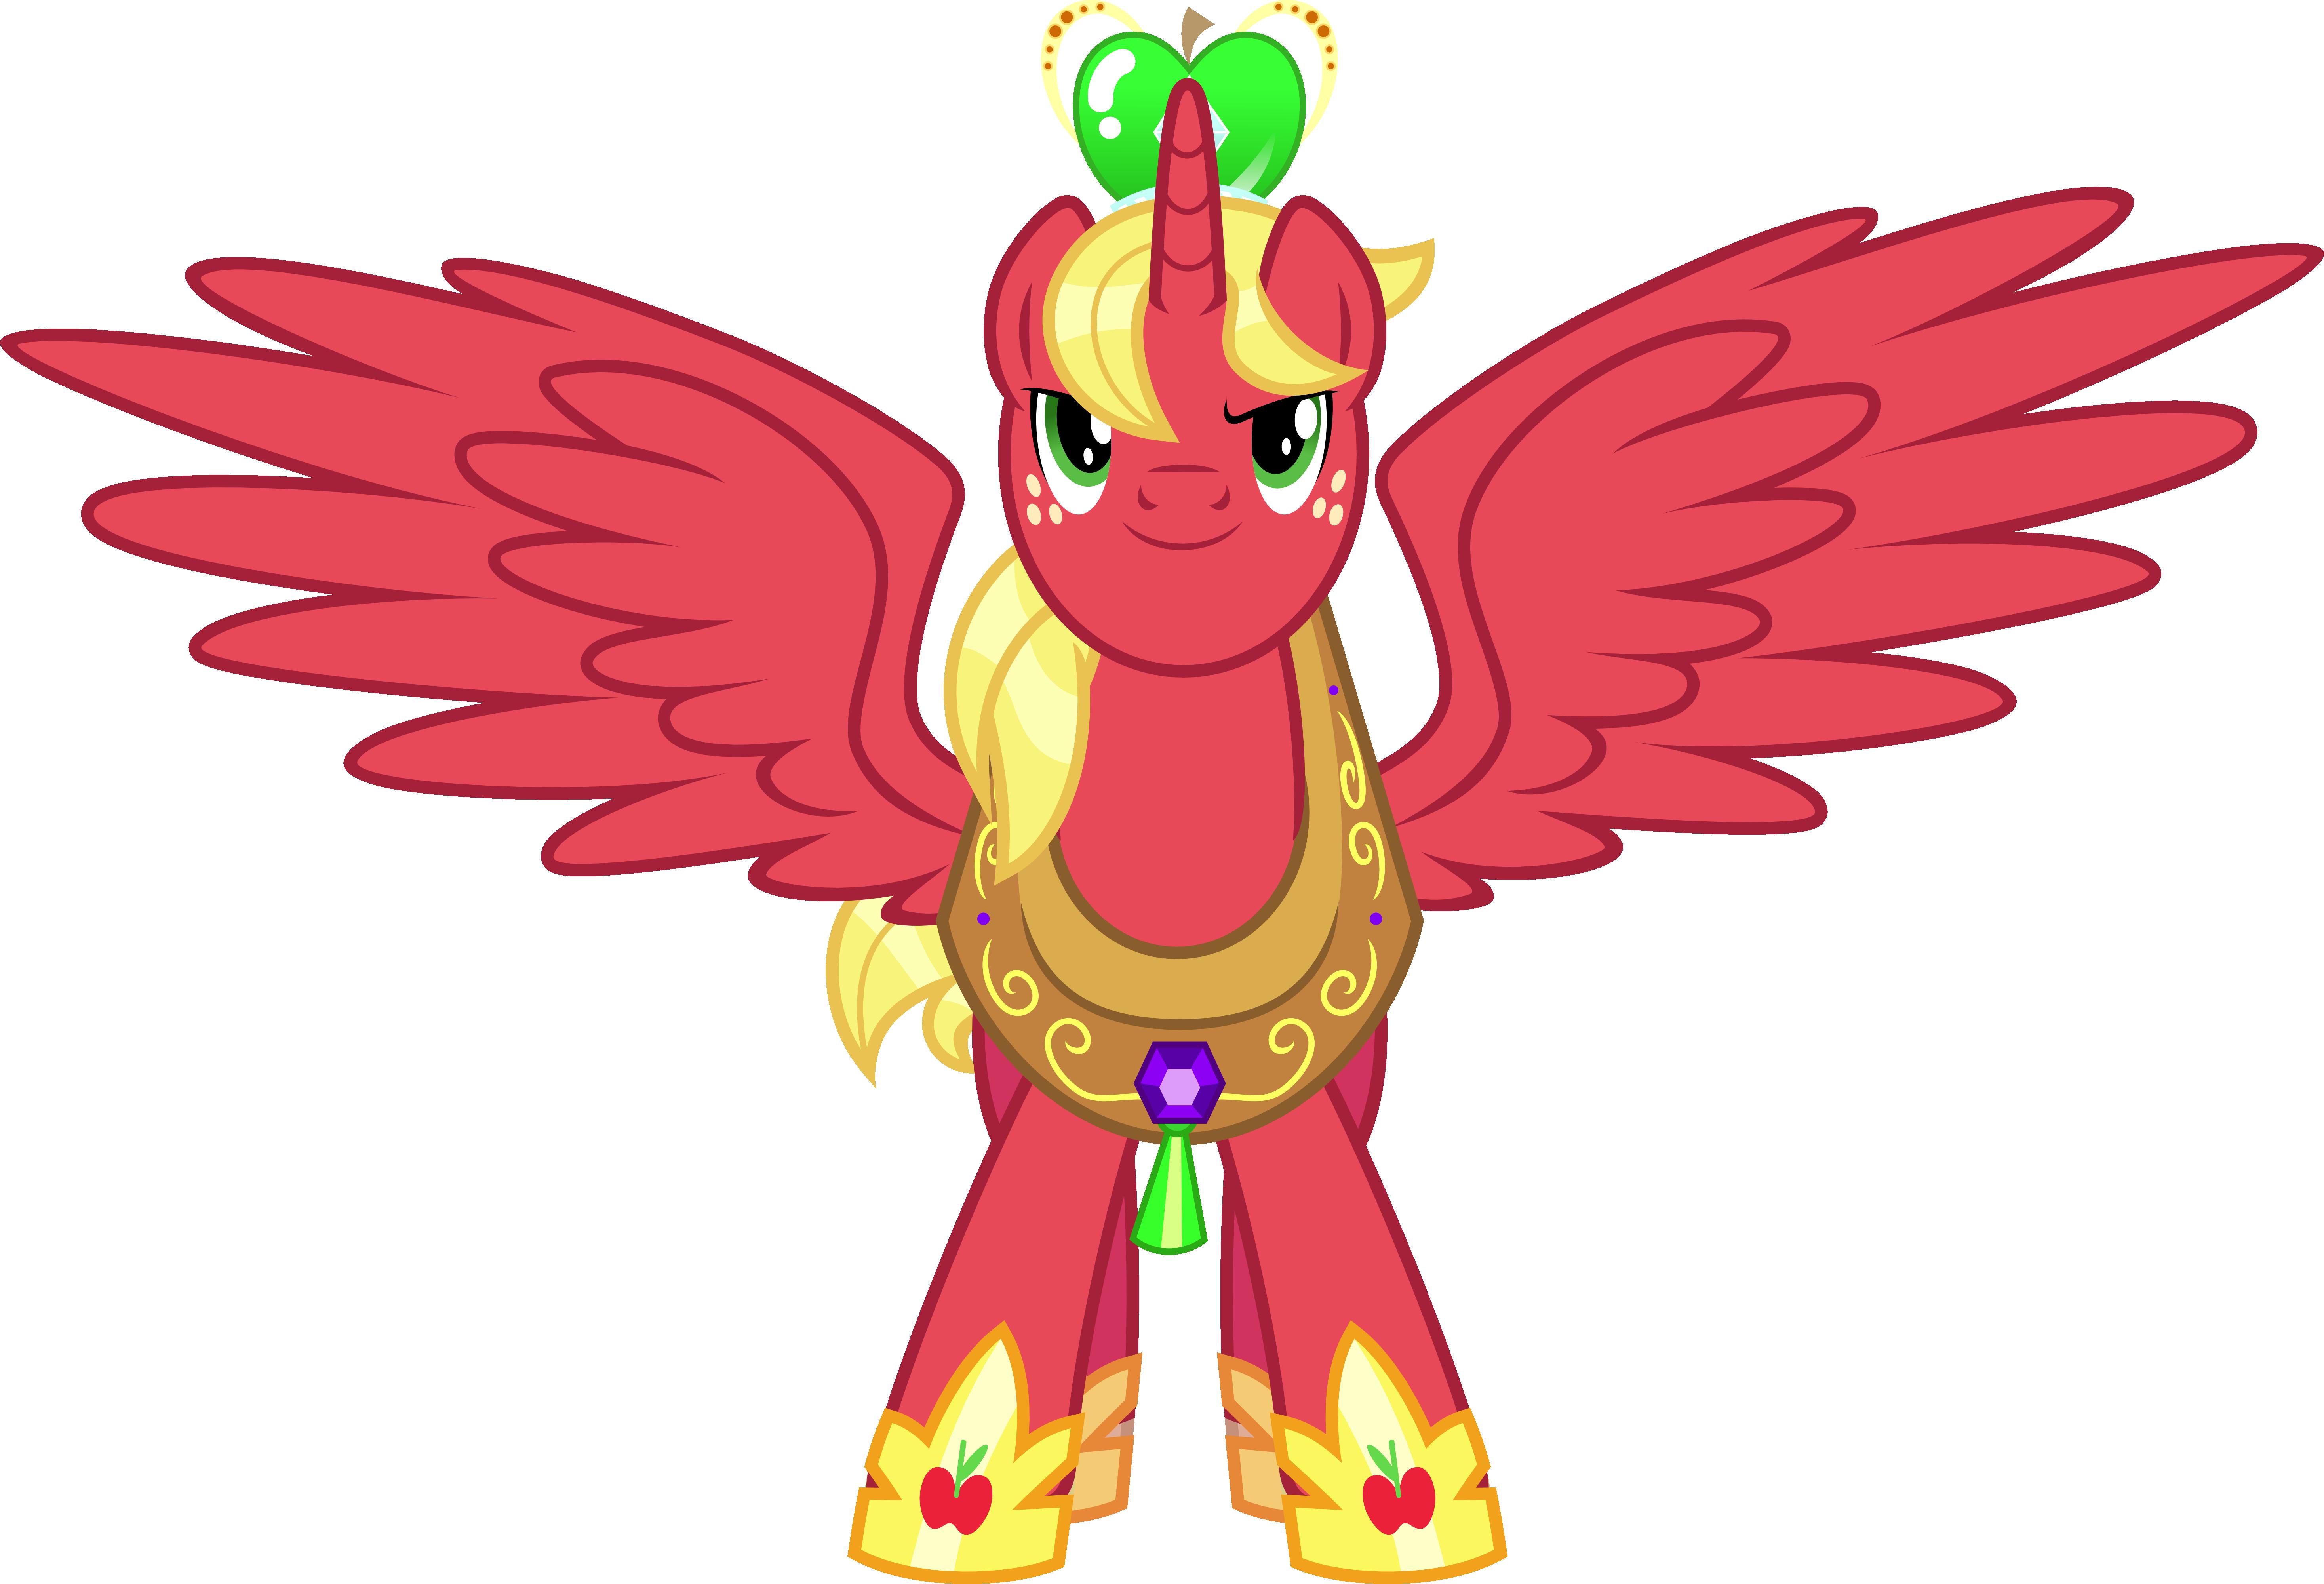 Princess Big Mac By Jeatz Axl On Deviantart Princess Big Macintosh